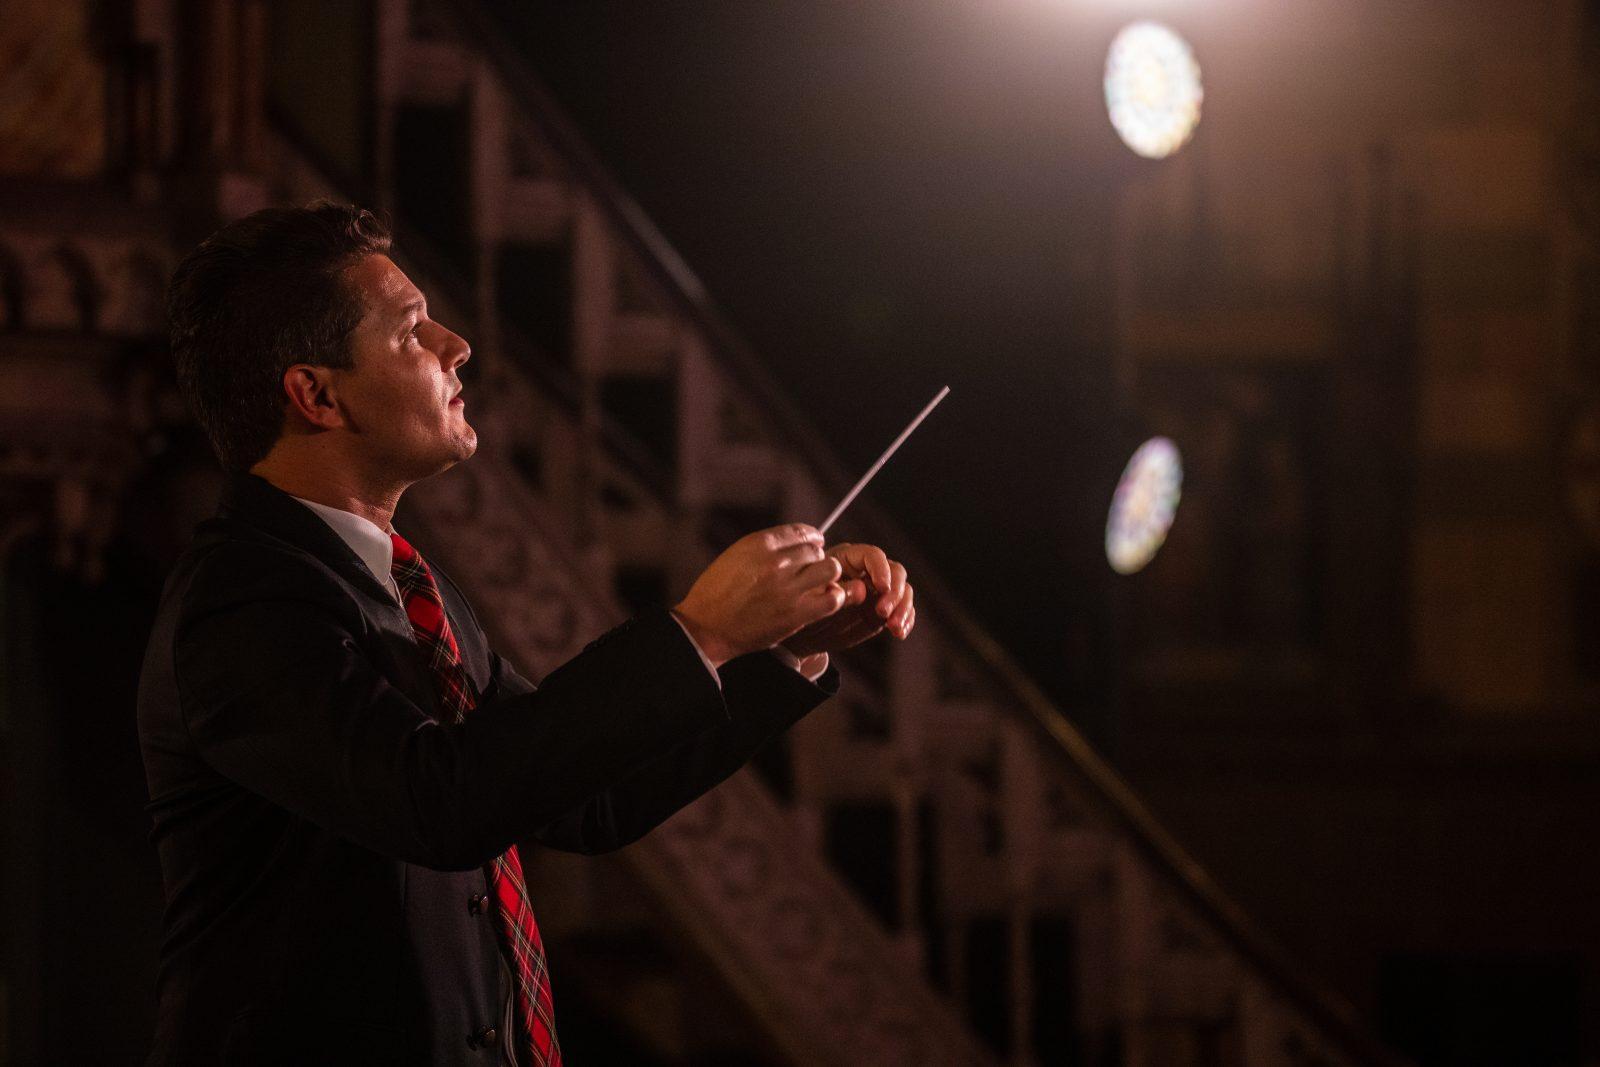 Un prolongement de contrat de cinq ans pour le chef de l'Orchestre symphonique de Longueuil